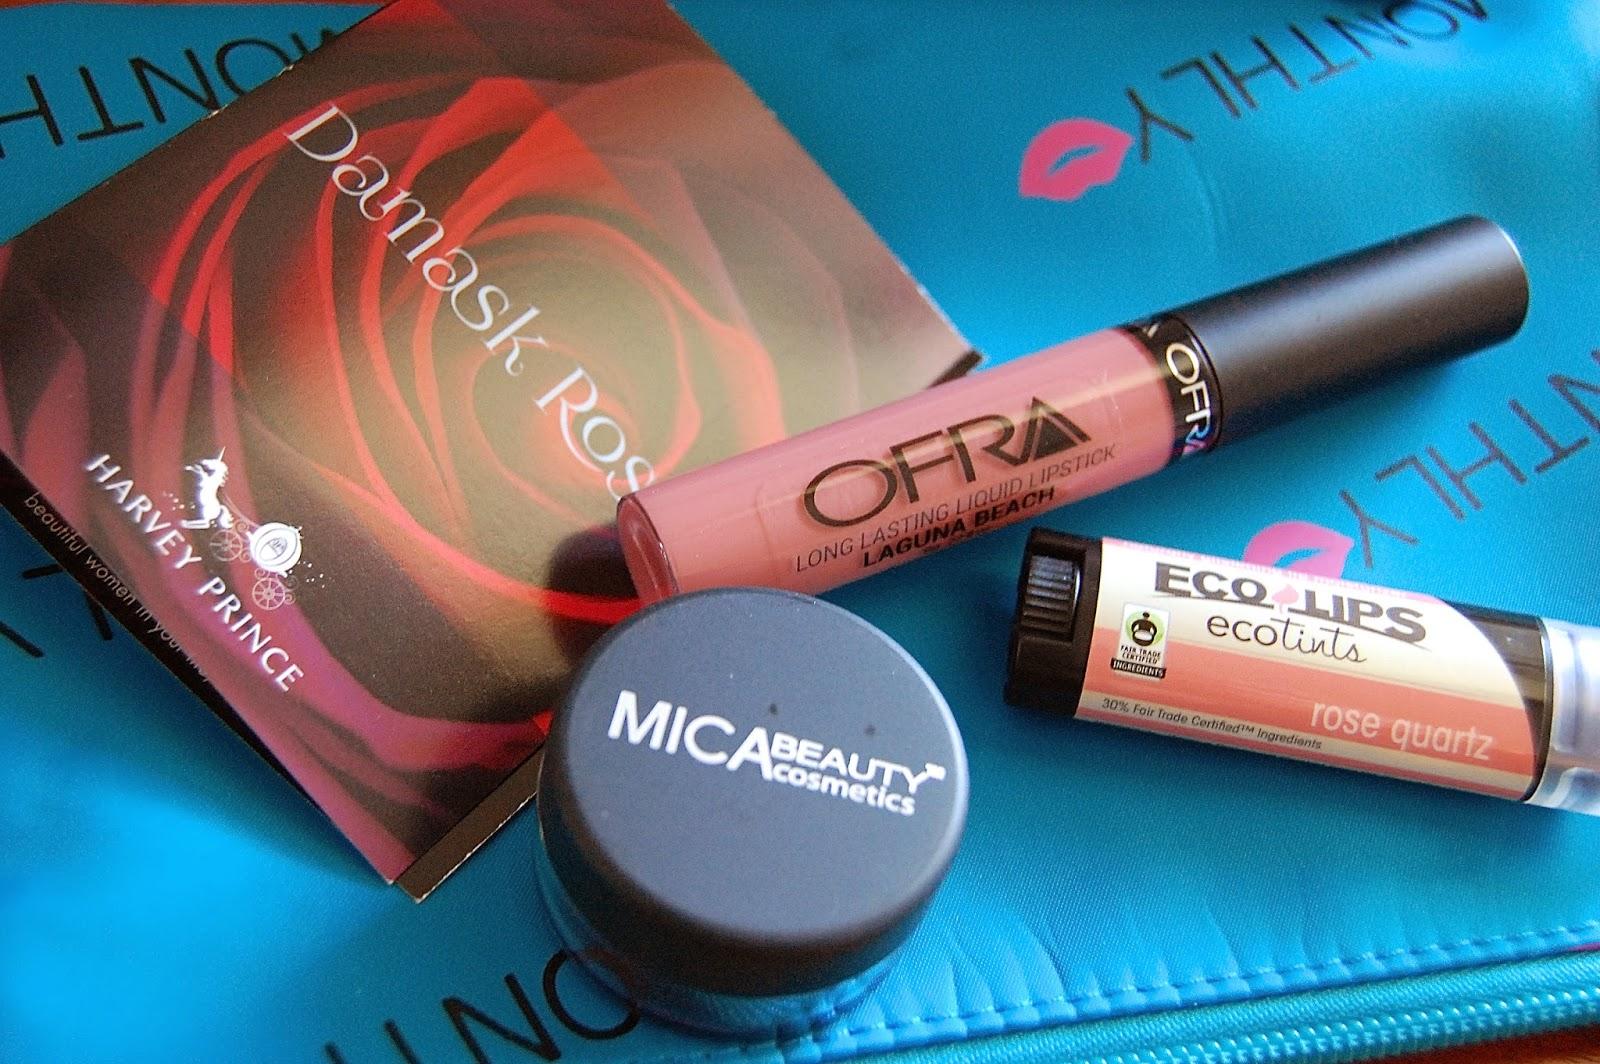 lip monthly, beauty subscription, beauty blog, lipstick, mica beauty, ofra, ecolips, make up, beauty box